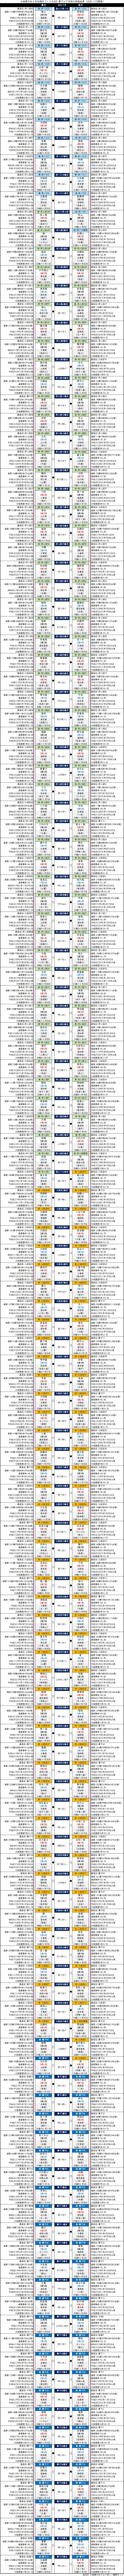 大相撲・2020年1月場所12日目・幕下以下の取組結果